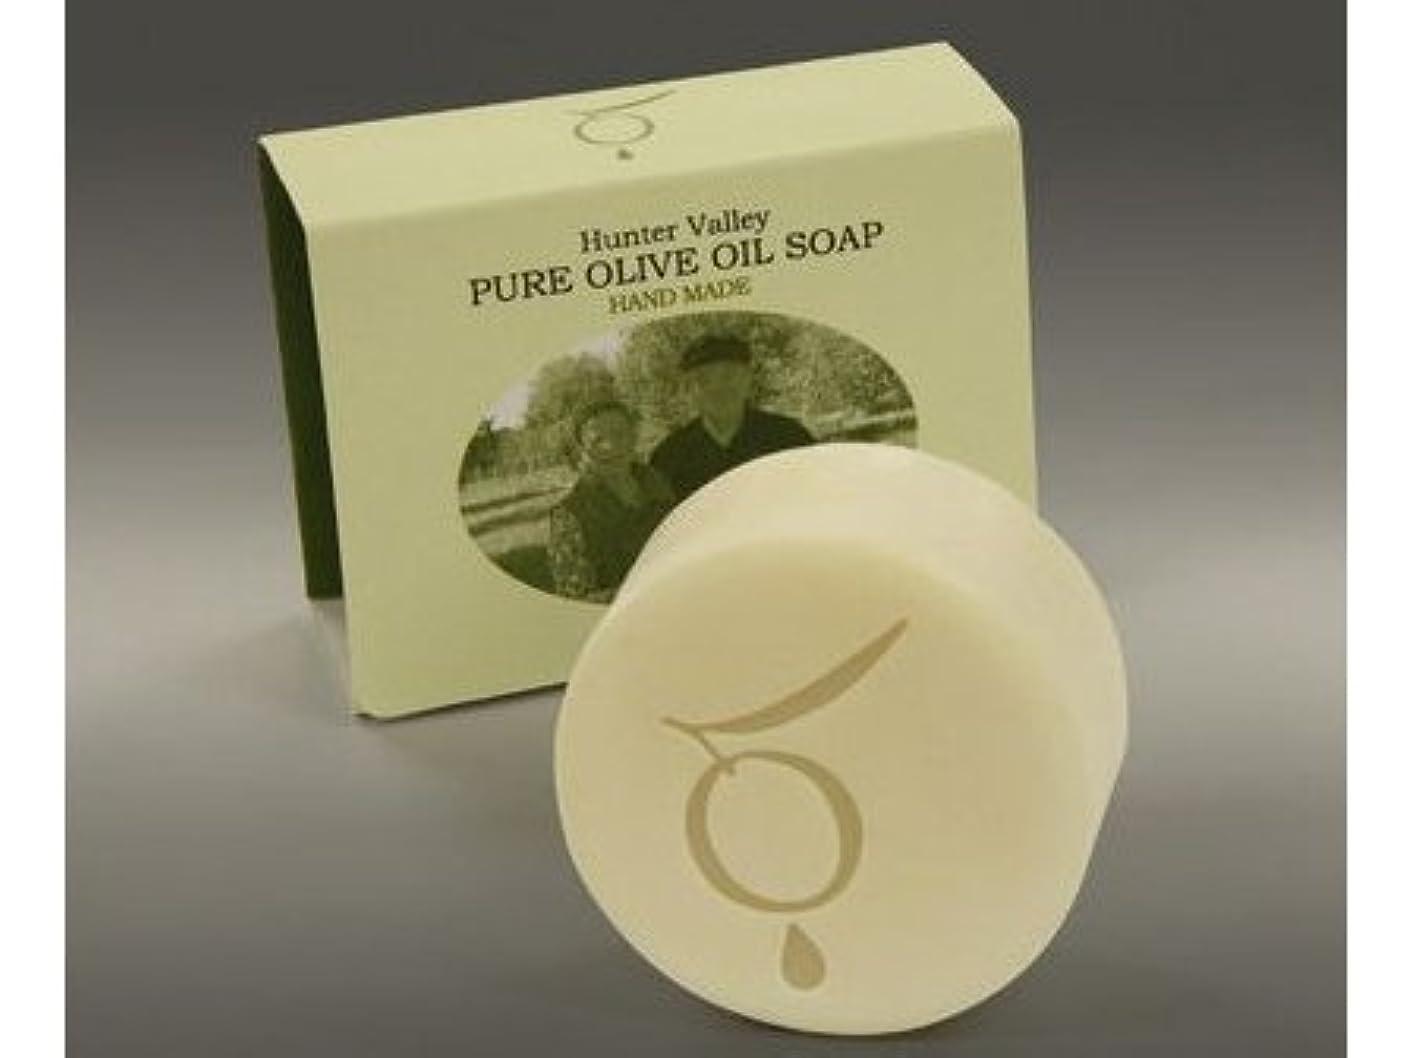 受取人まぶしさ放射するバロッグ夫妻の手作りエキストラバージンオリーブオイル石鹸 オリジナル 100g